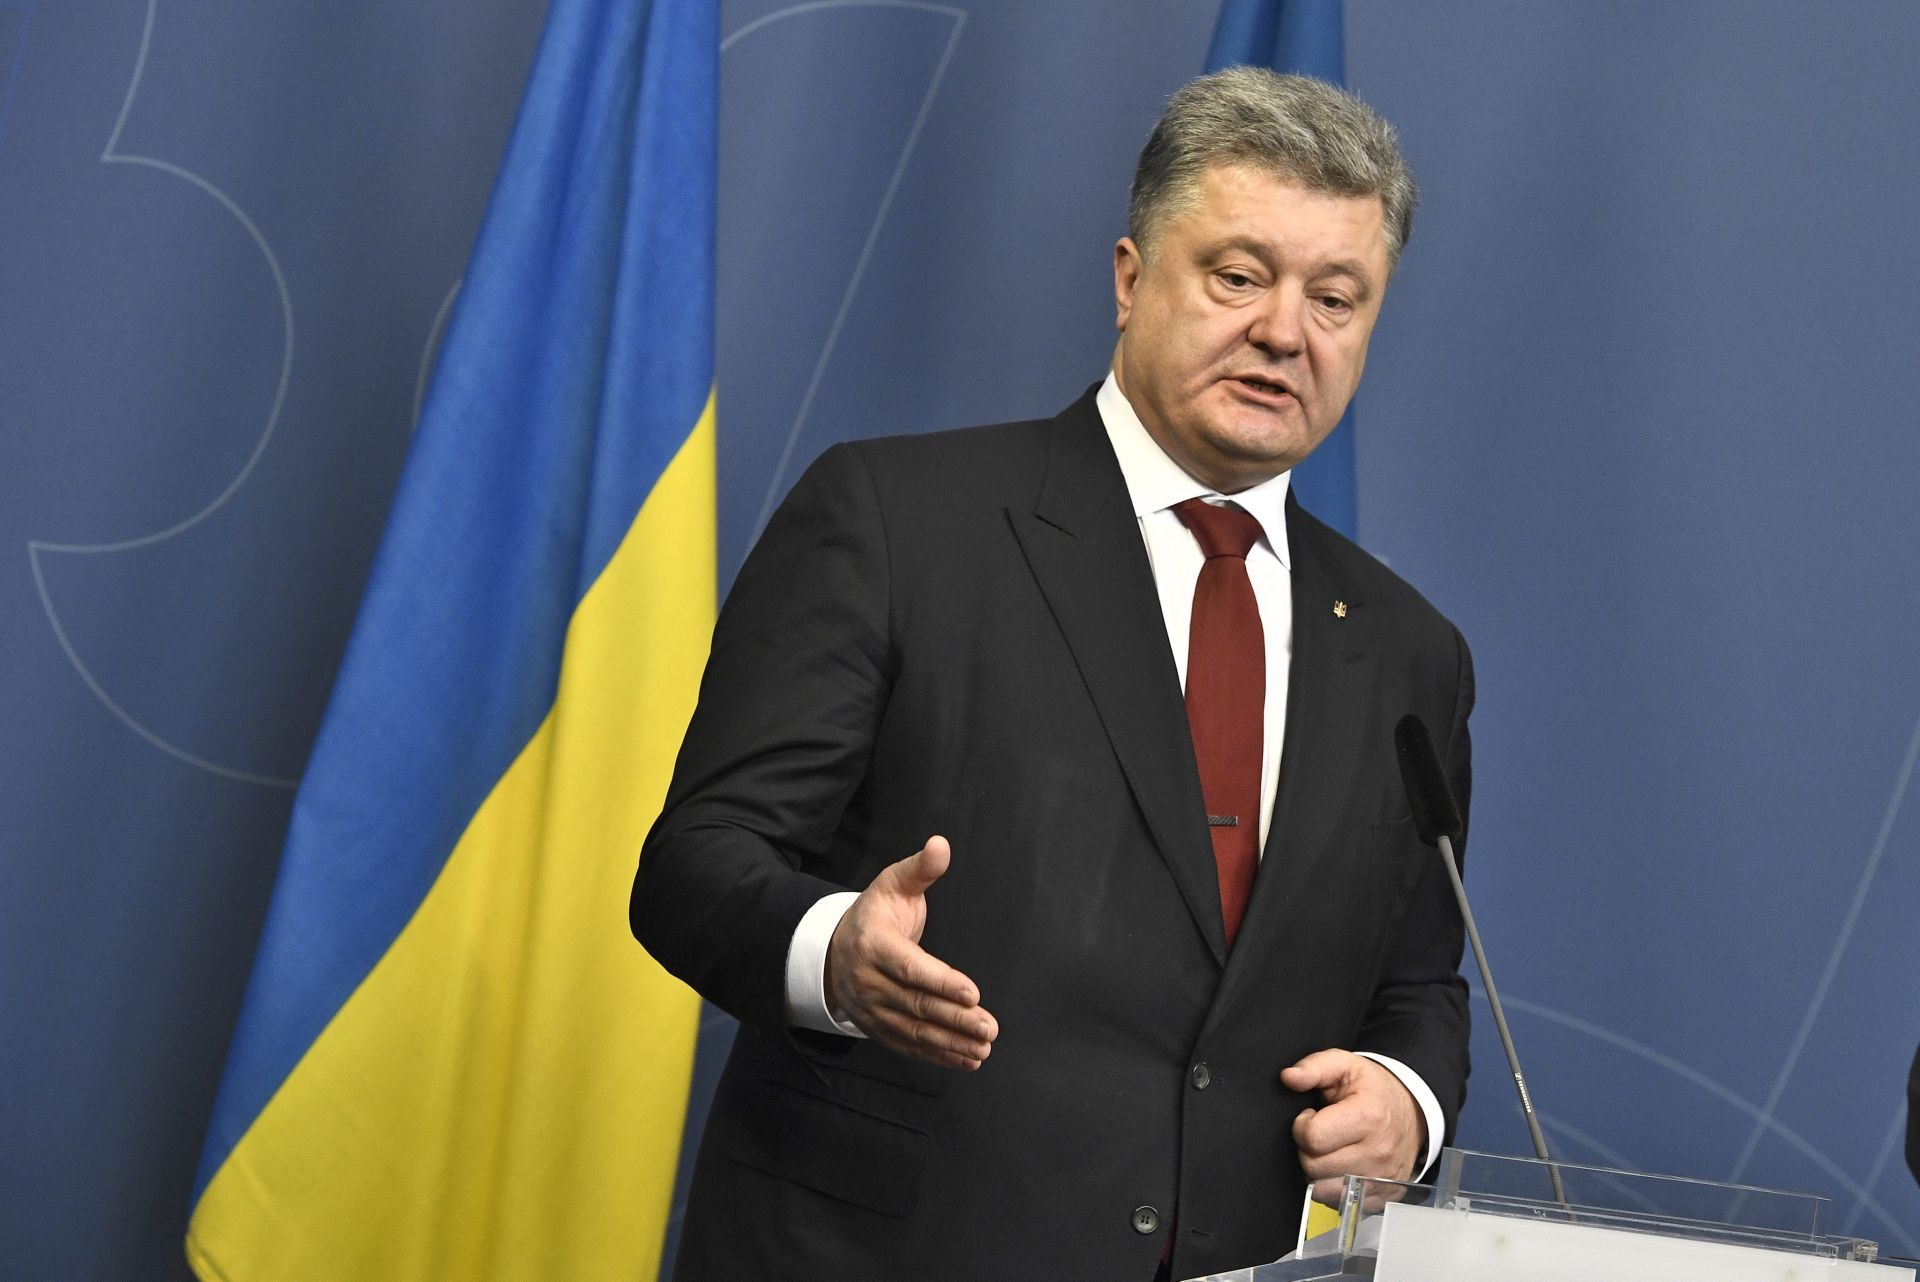 TRAŽI SANKCIJE: Porošenko zbog Rusije namjerava izvršiti pritisak na čelnike EU